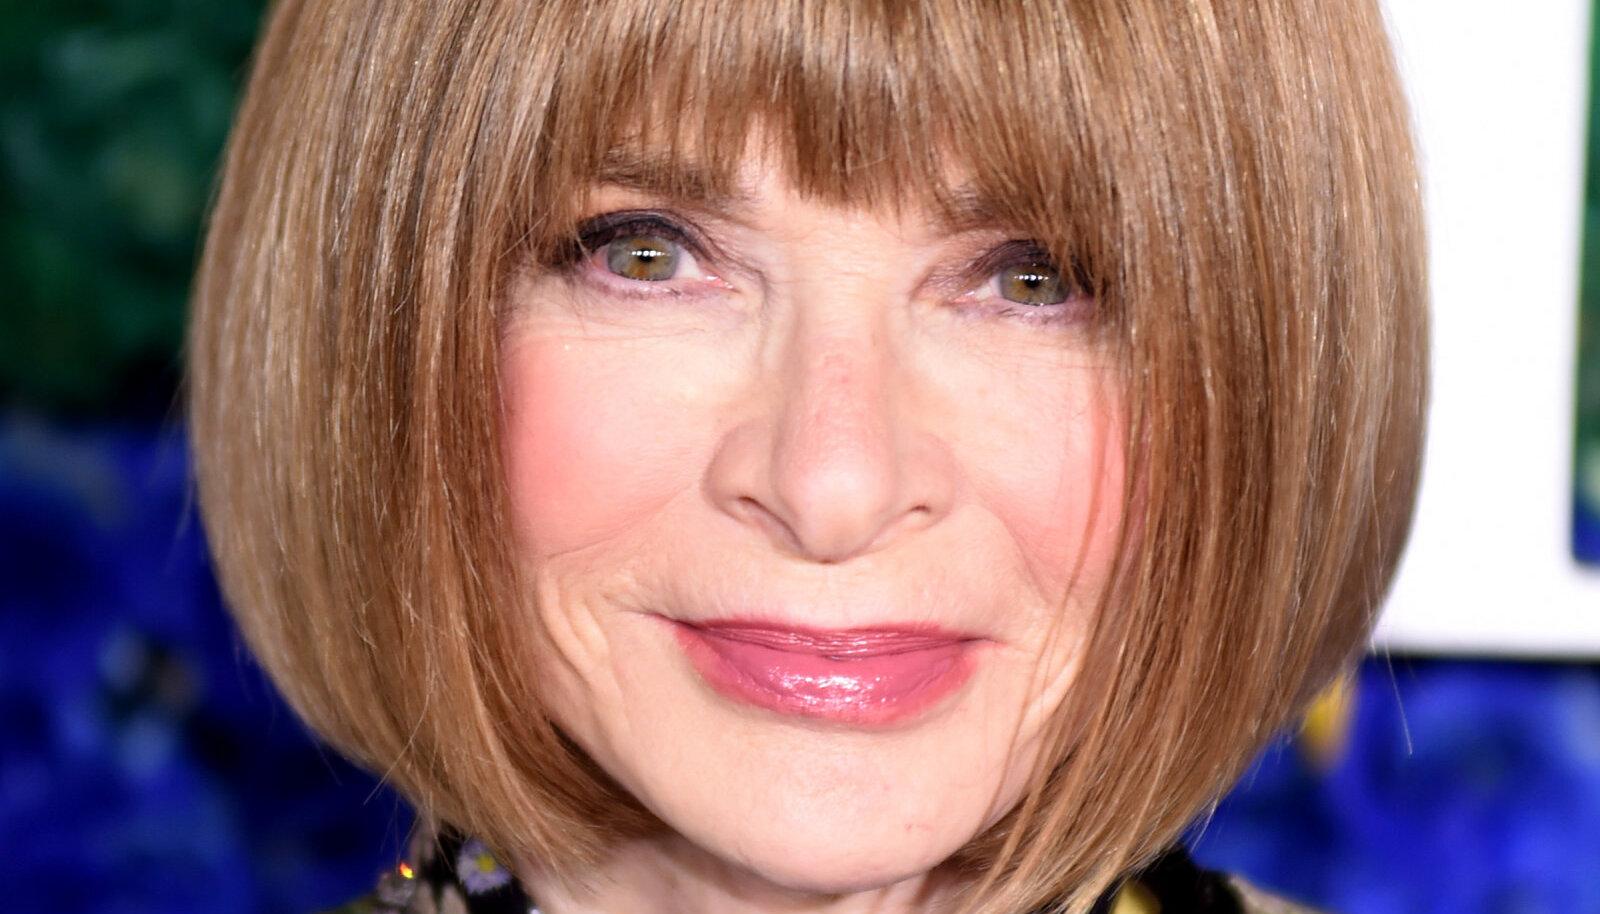 Анна Винтур занимает пост главного редактора американского Vogue с 1988 года